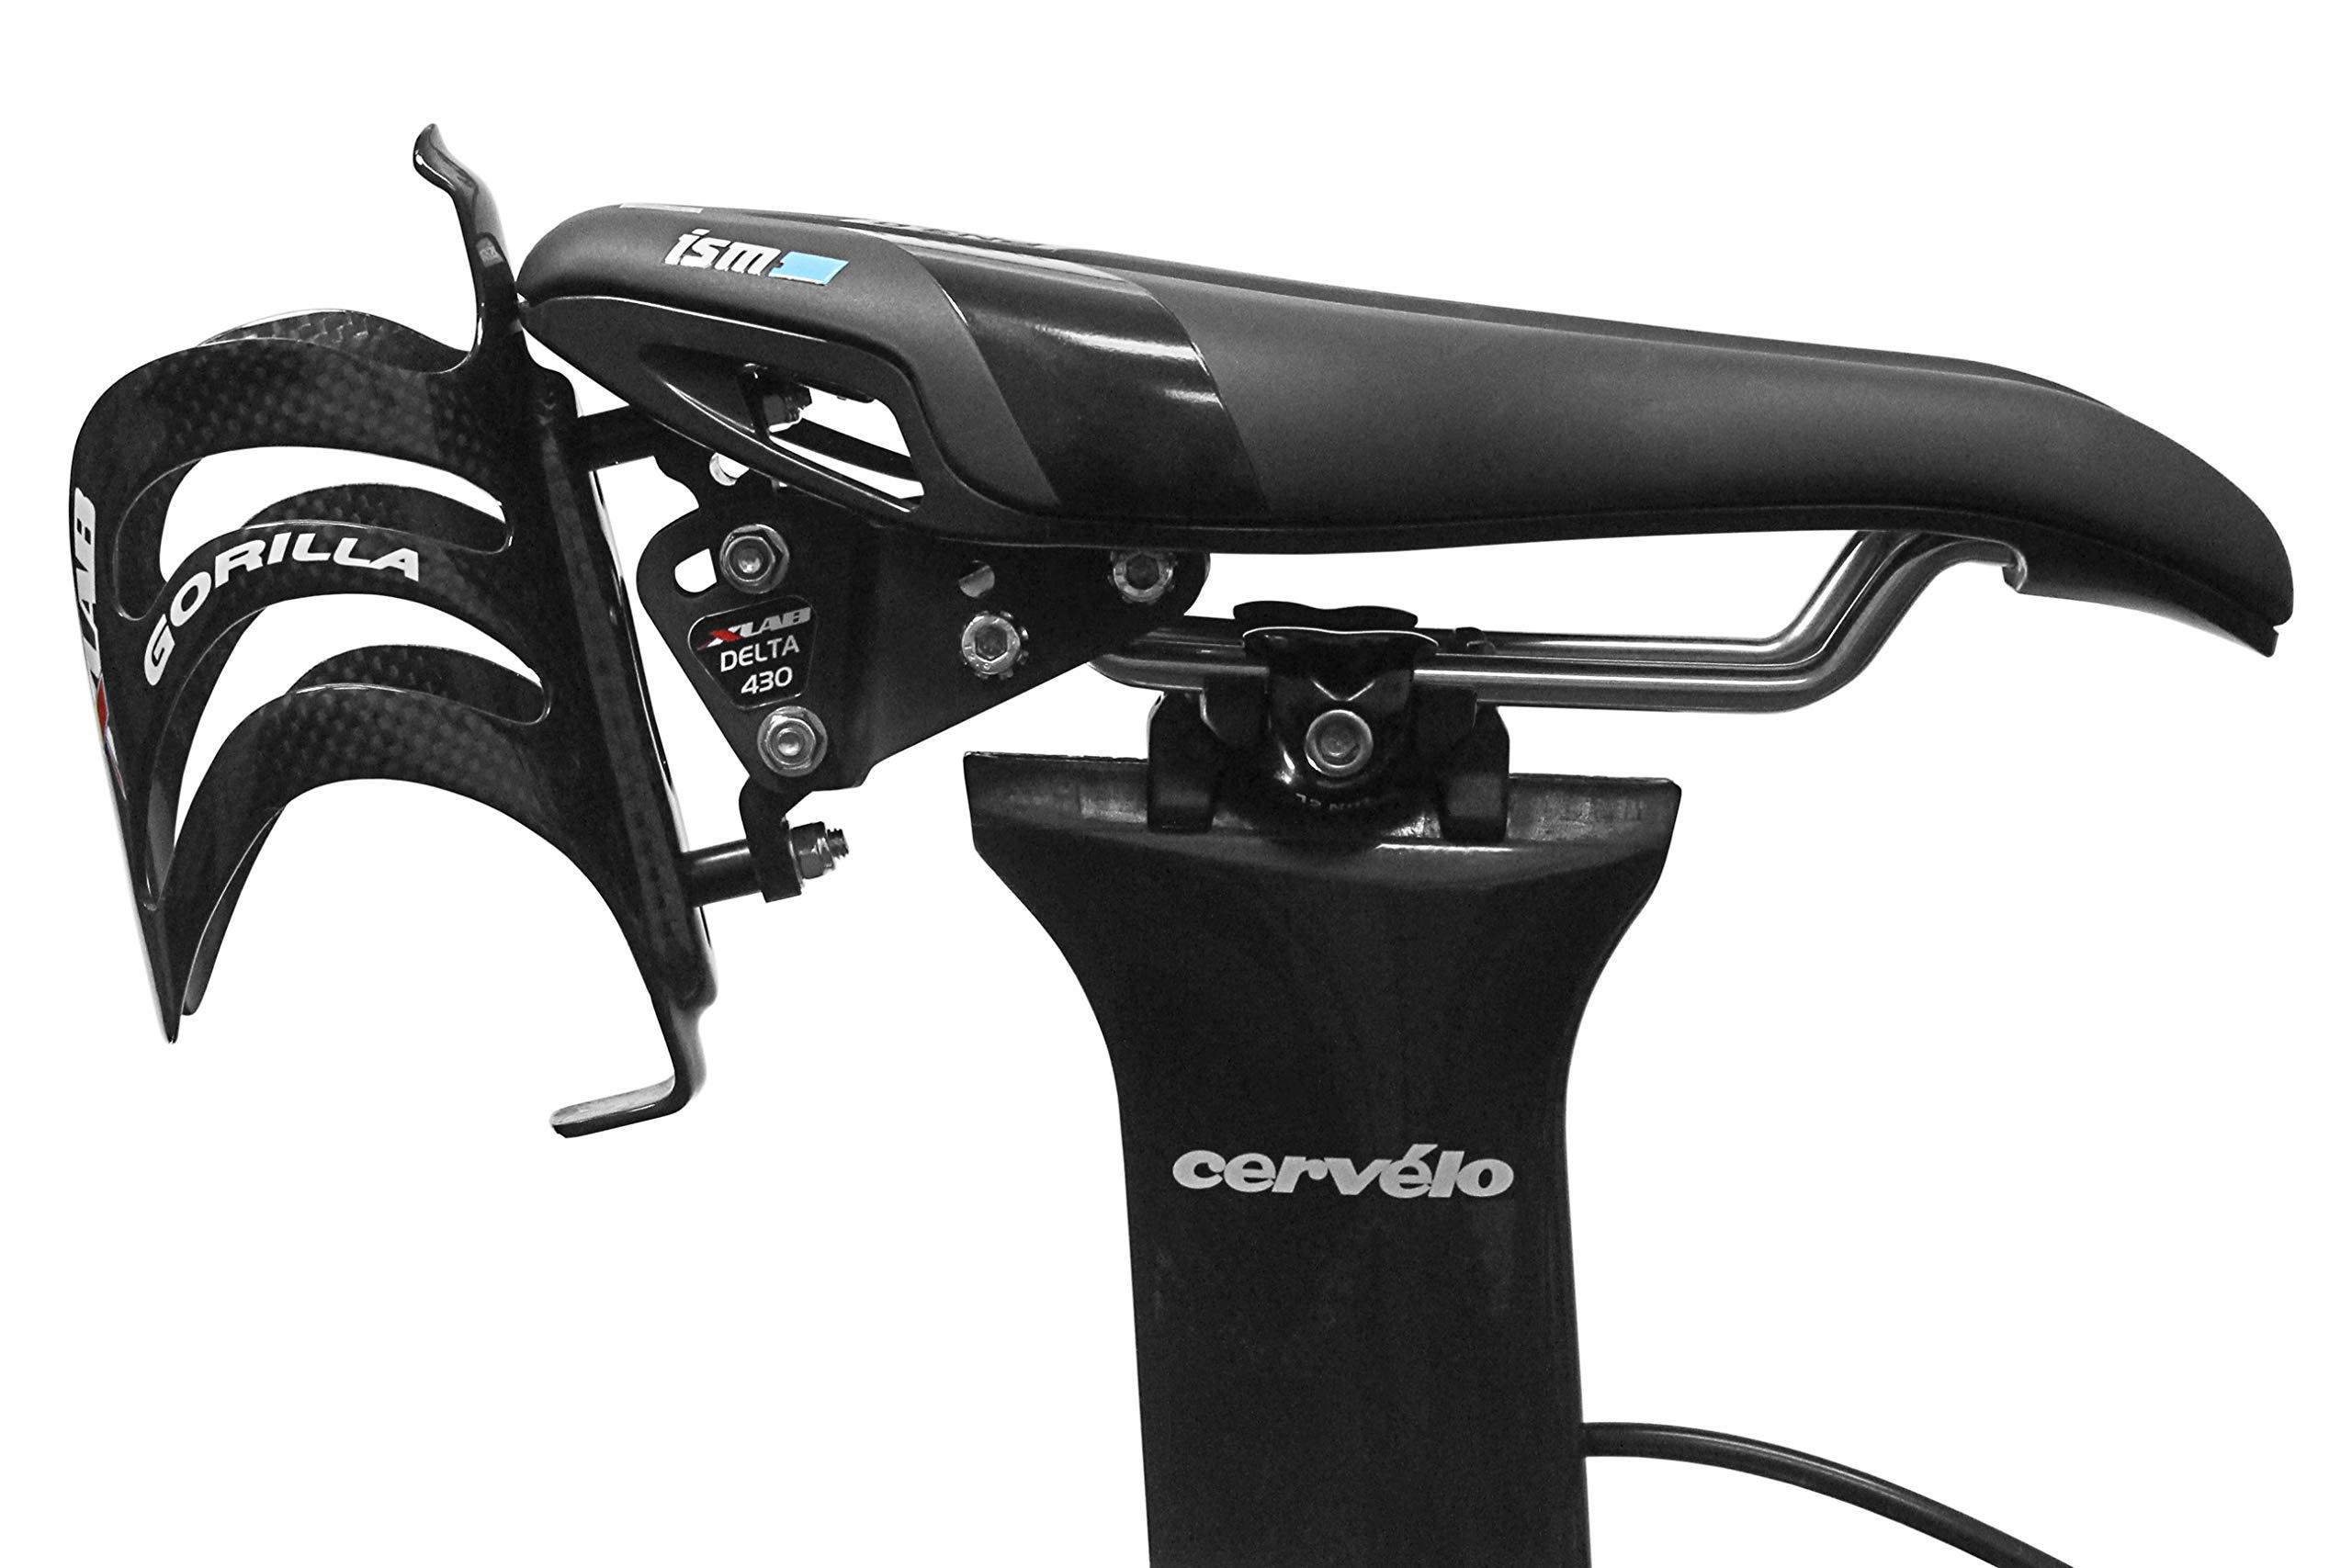 XLAB Delta 430 Rear Hydration System for Triathlon and Road Bikes by XLAB